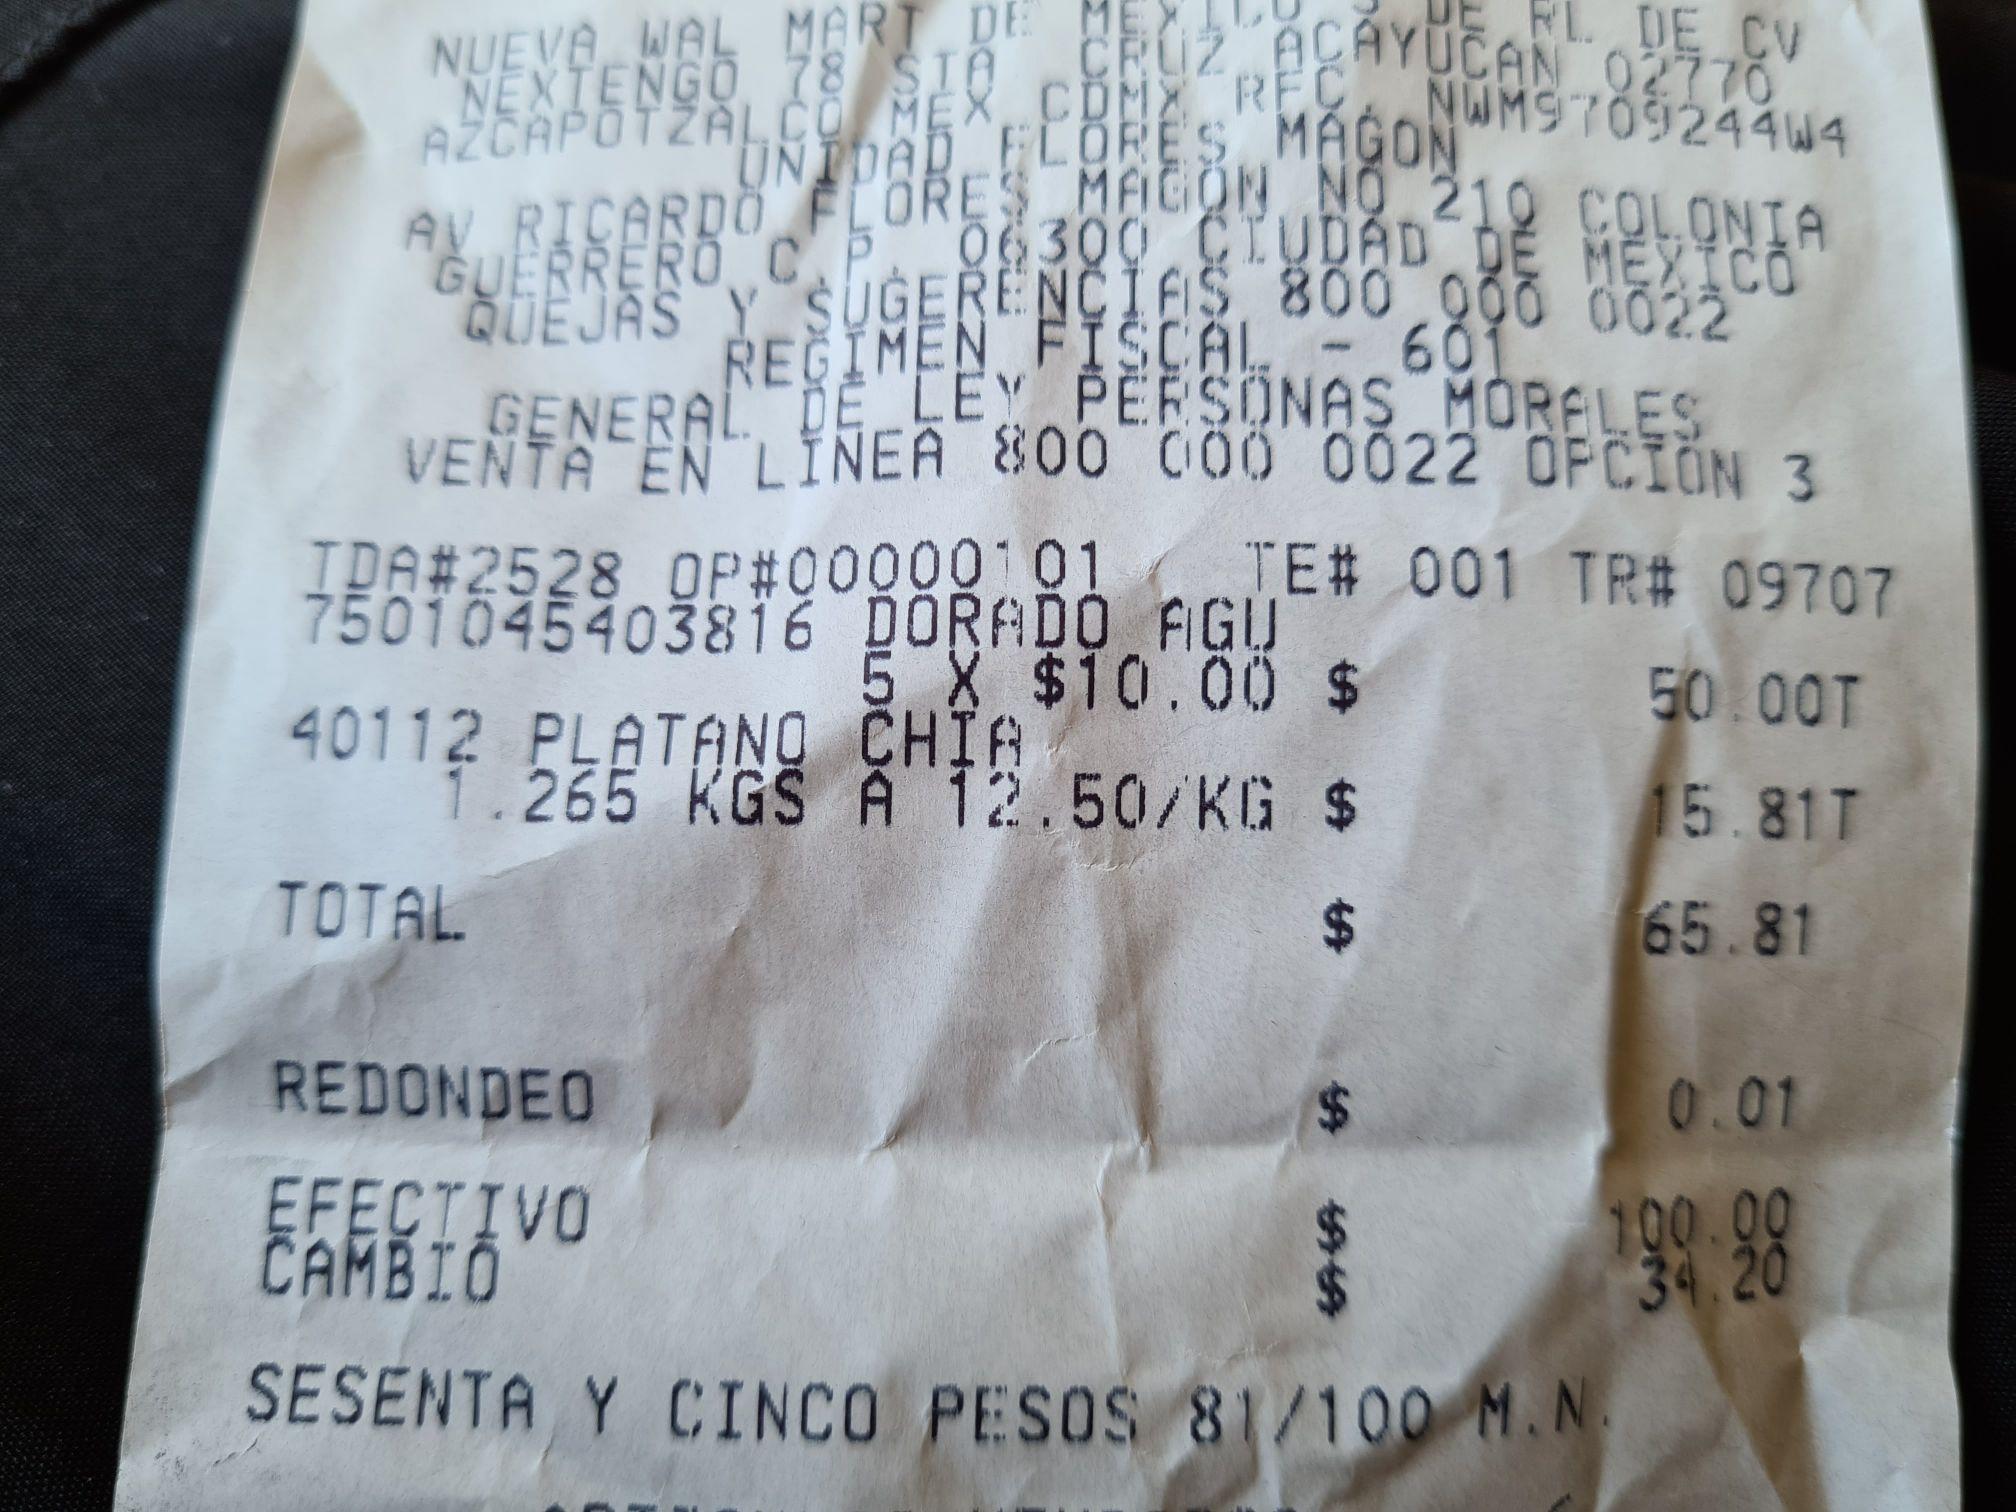 Bodega Aurrerá: ATÚN dorado agua 285g $10